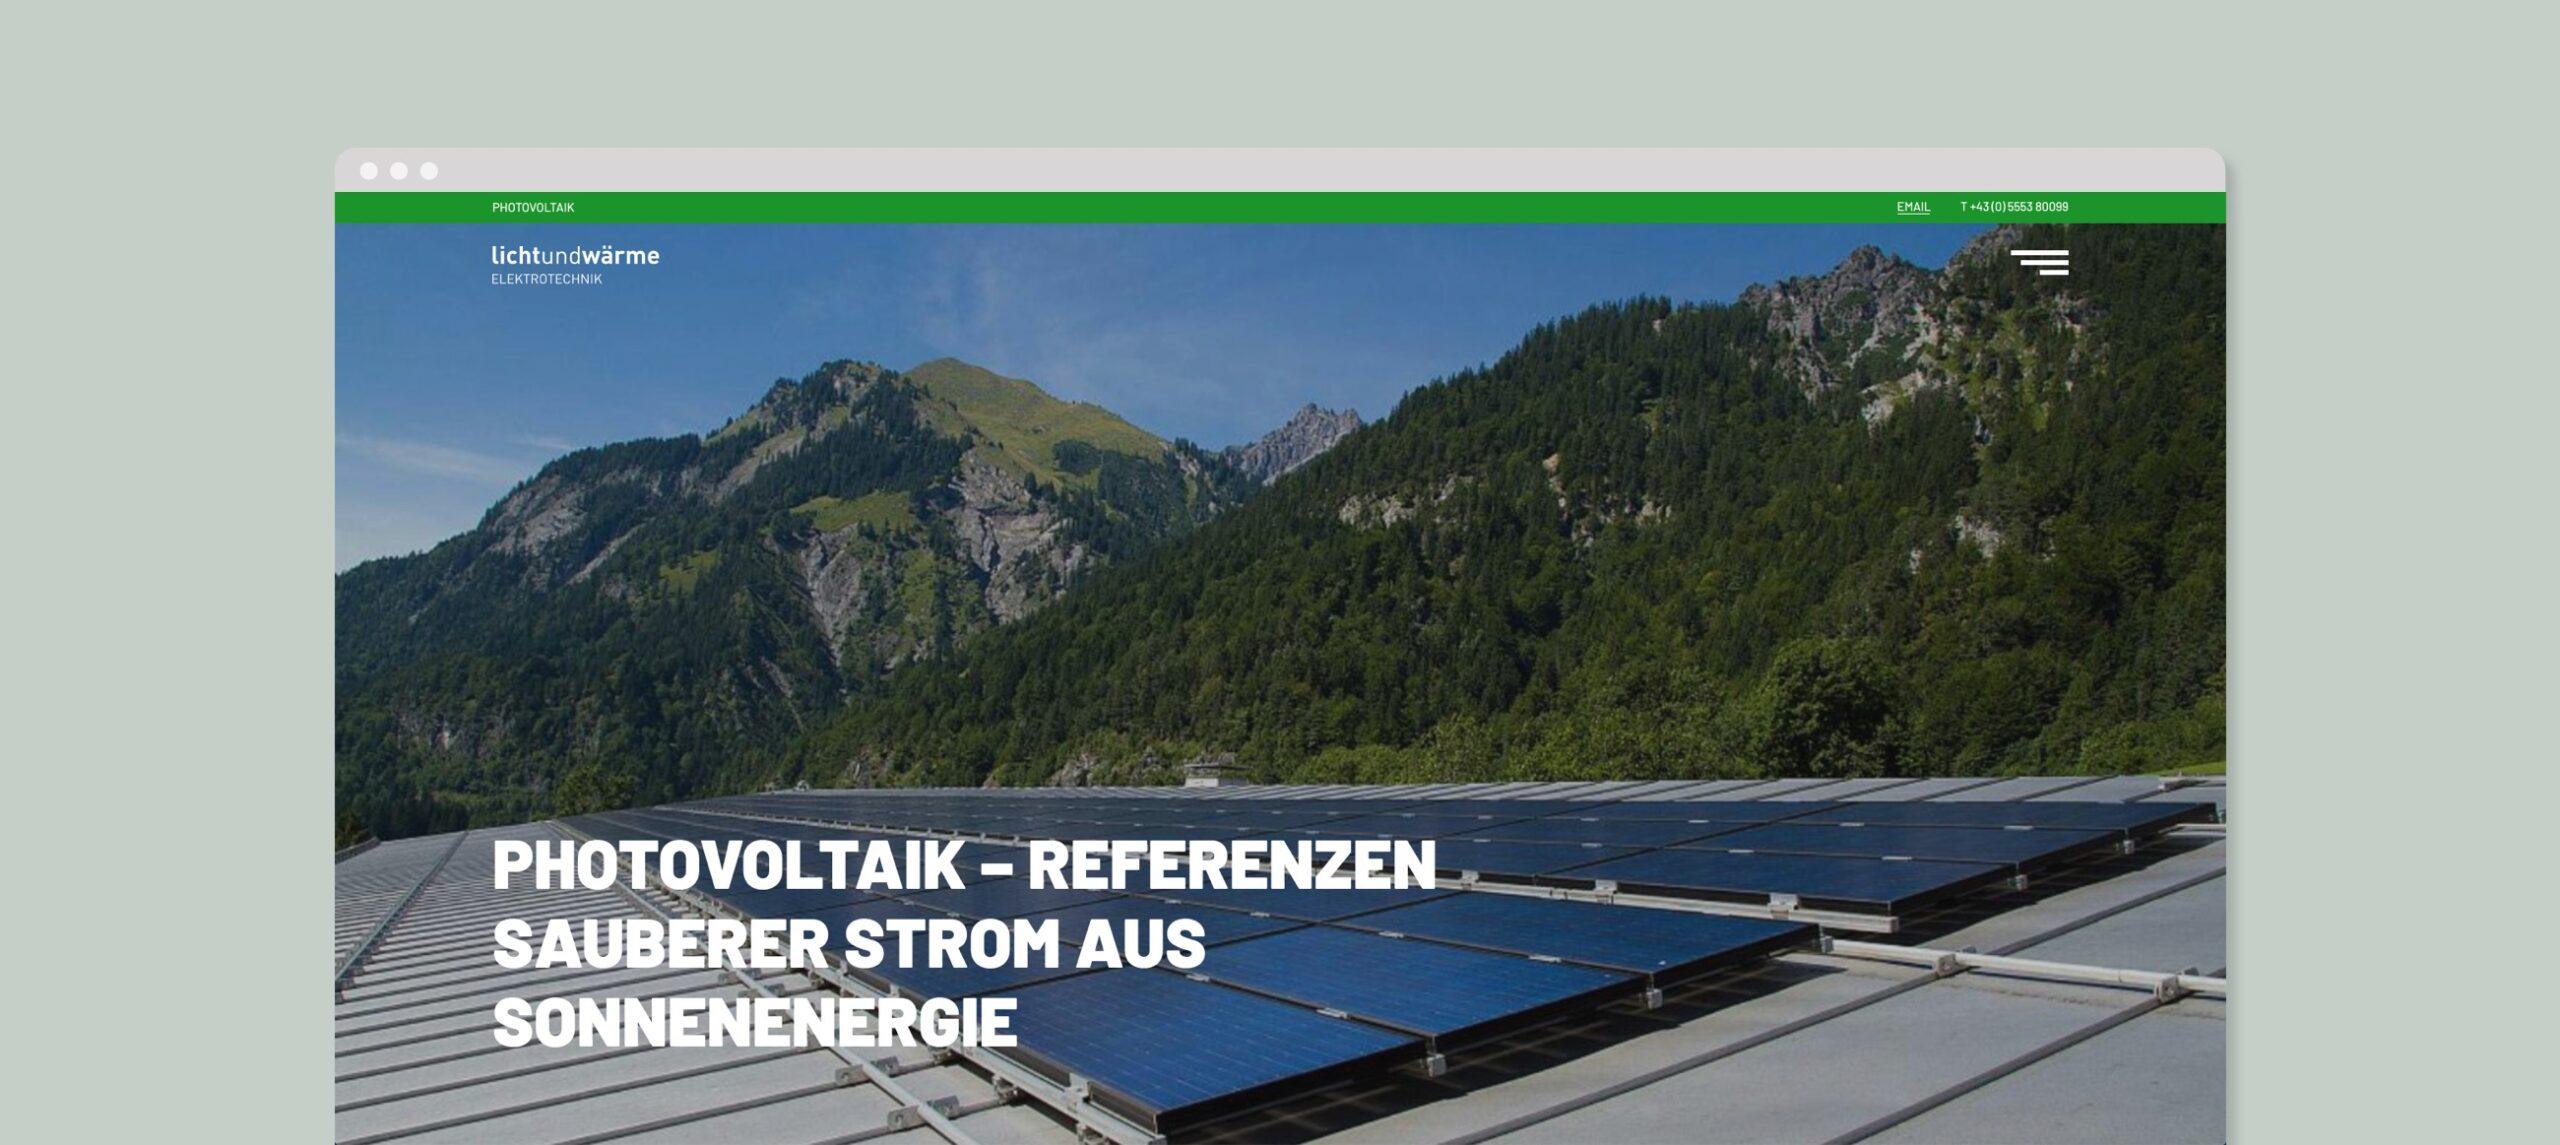 LichtundWärme Webseite Bildschirmfoto